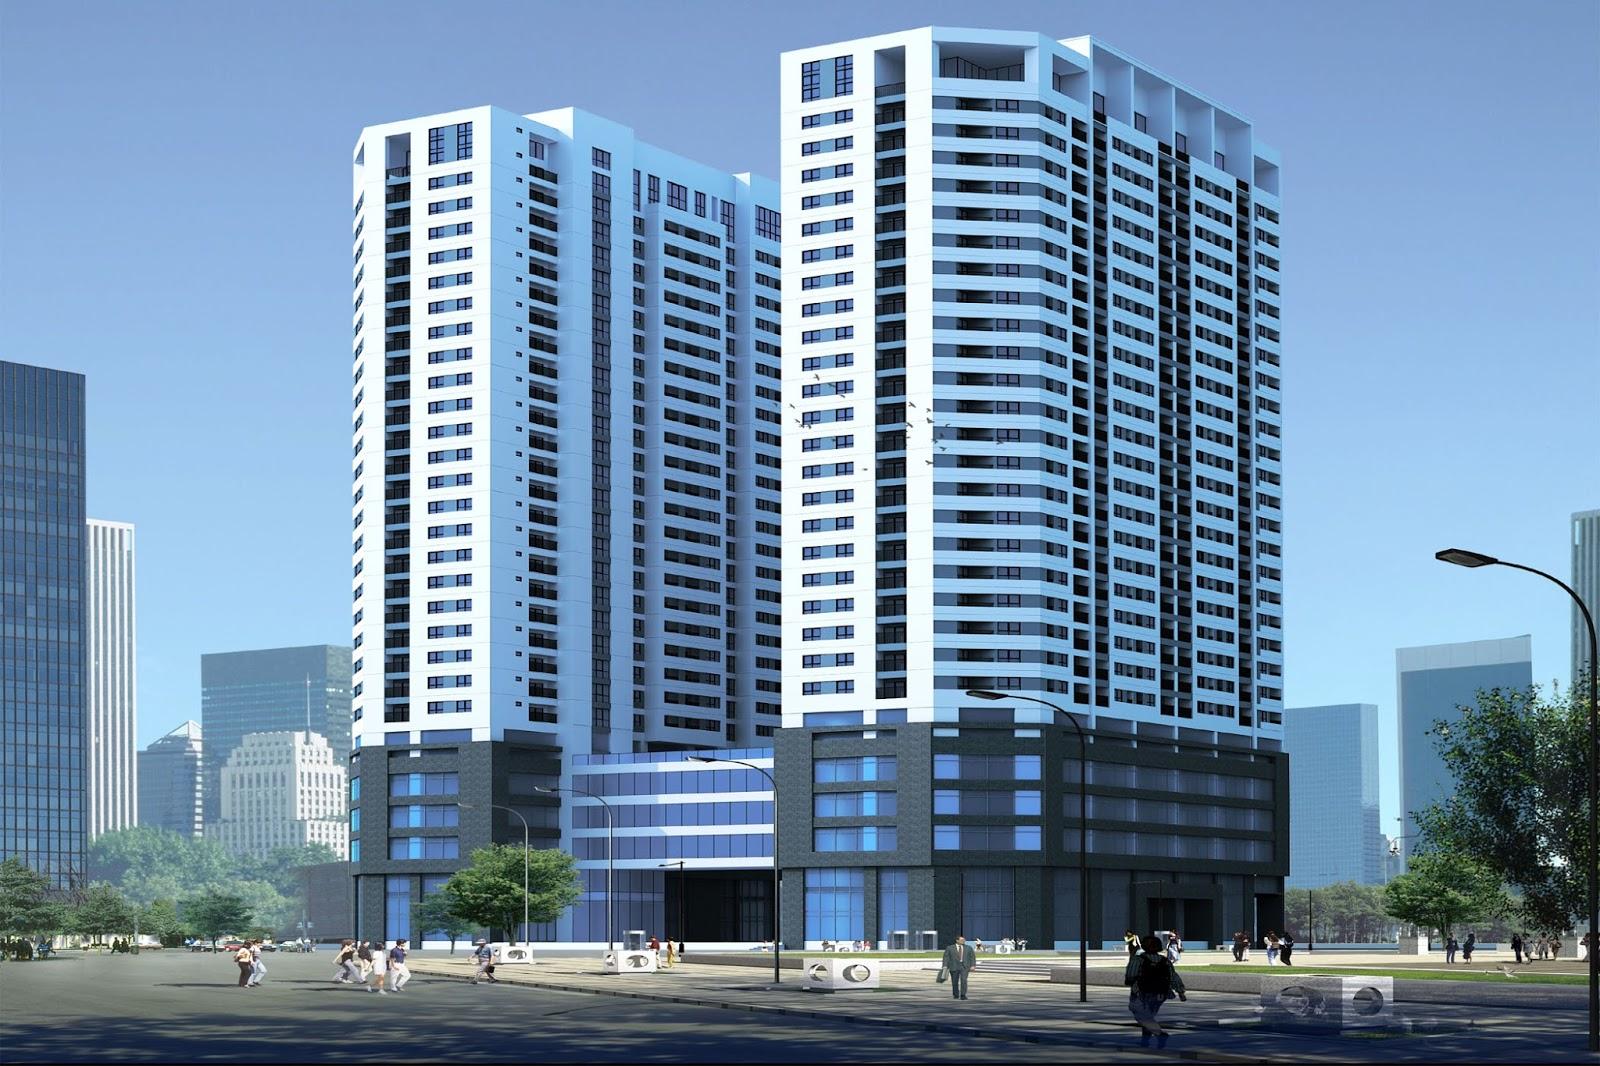 Phối cảnh chung cư South Tower